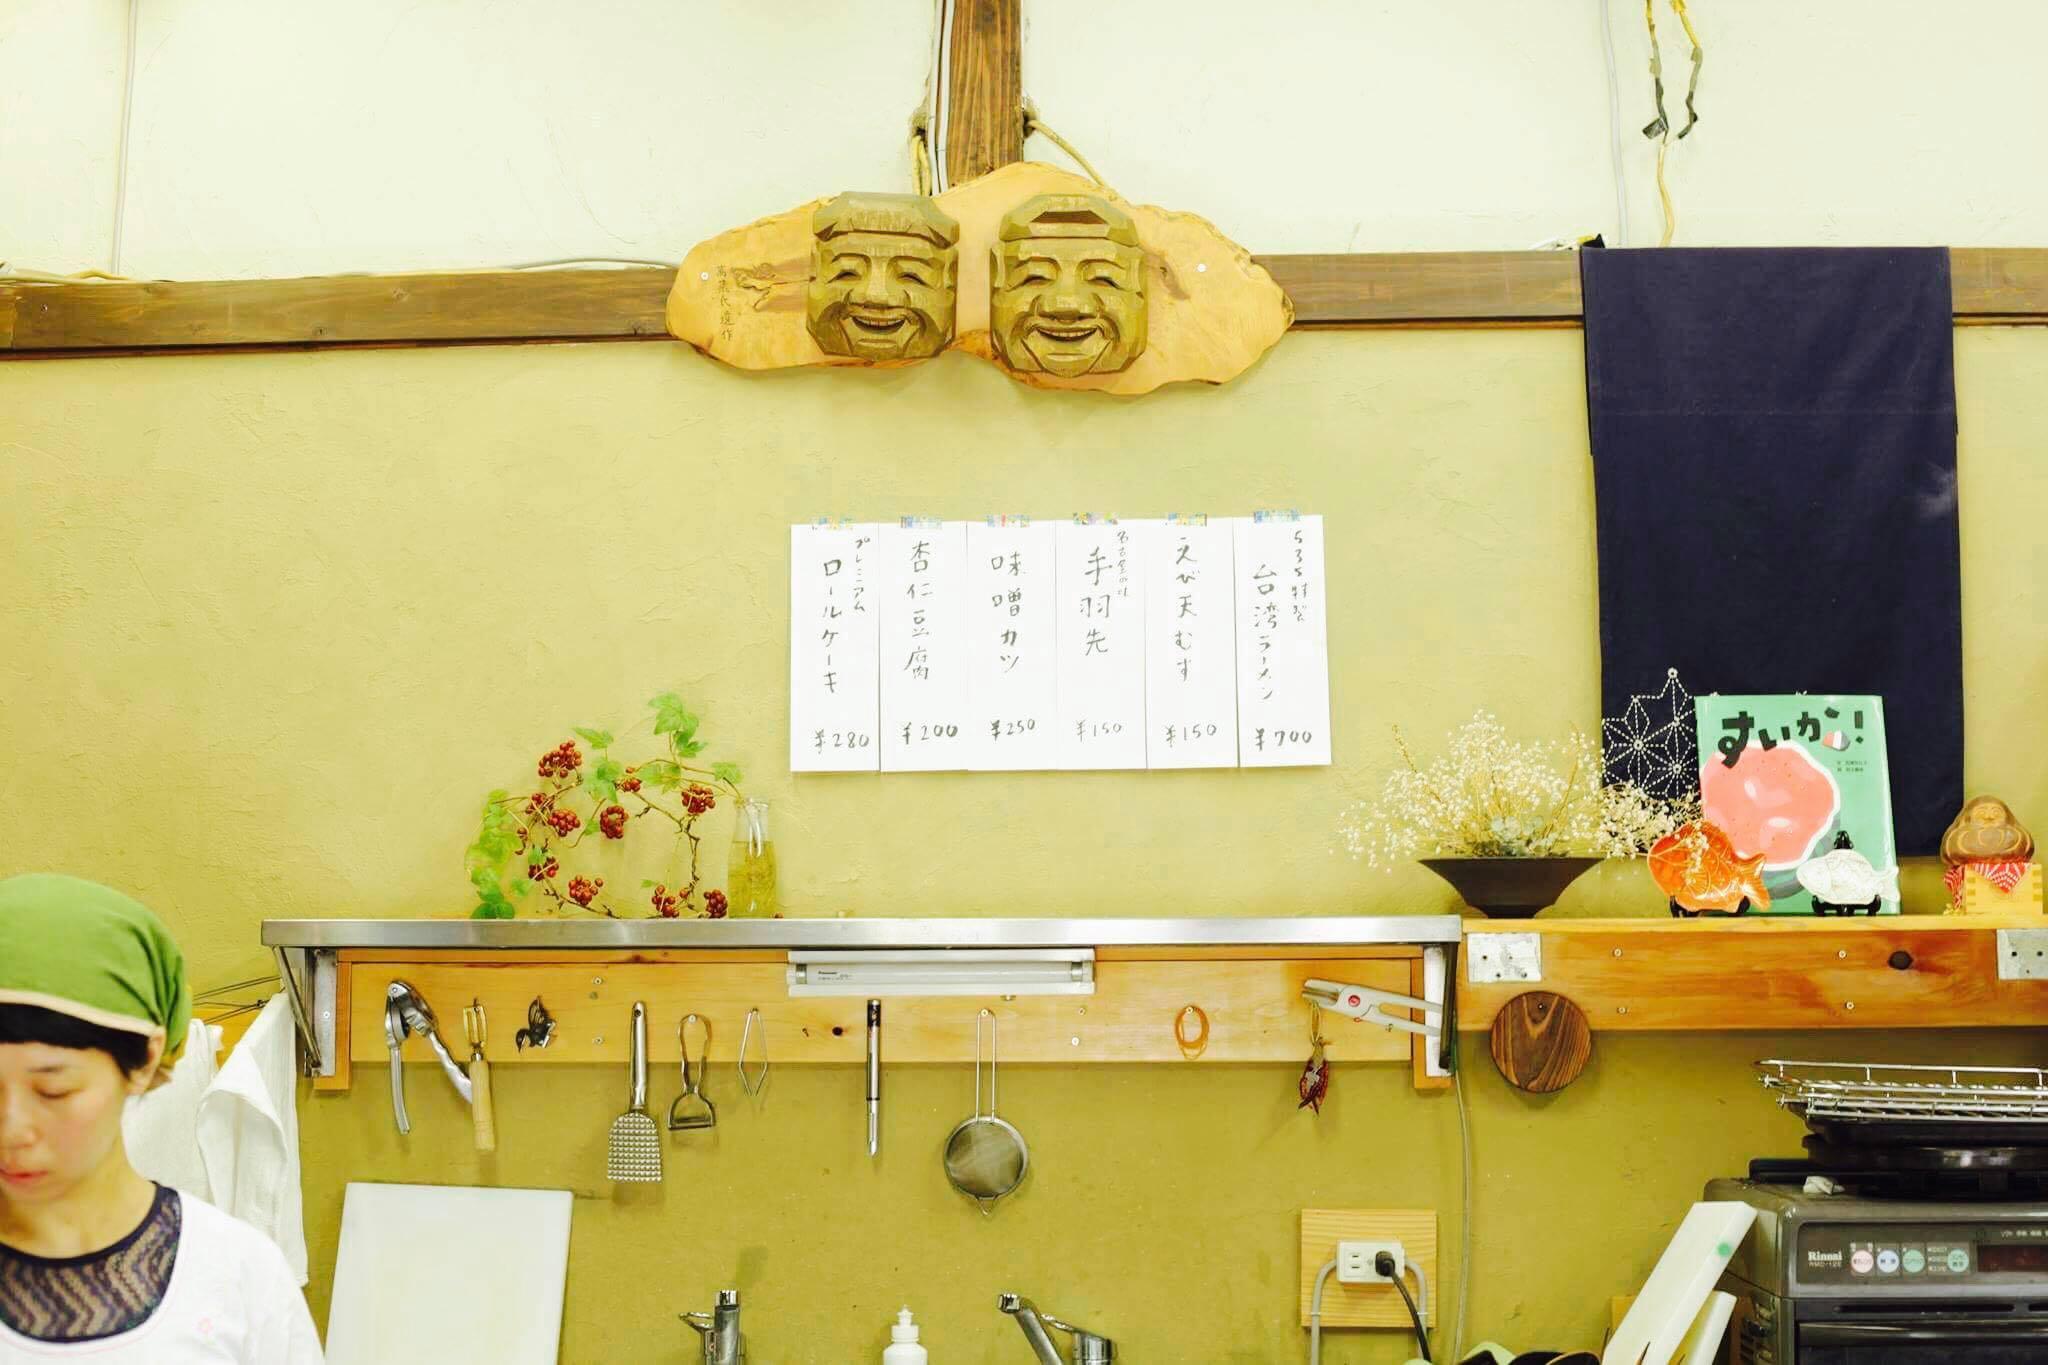 1日15食限定でのお弁当を販売している535(ゴミサンク) 住所:徳島県 名西郡神山町神領字北213-1 電話番号:050-2024-4959